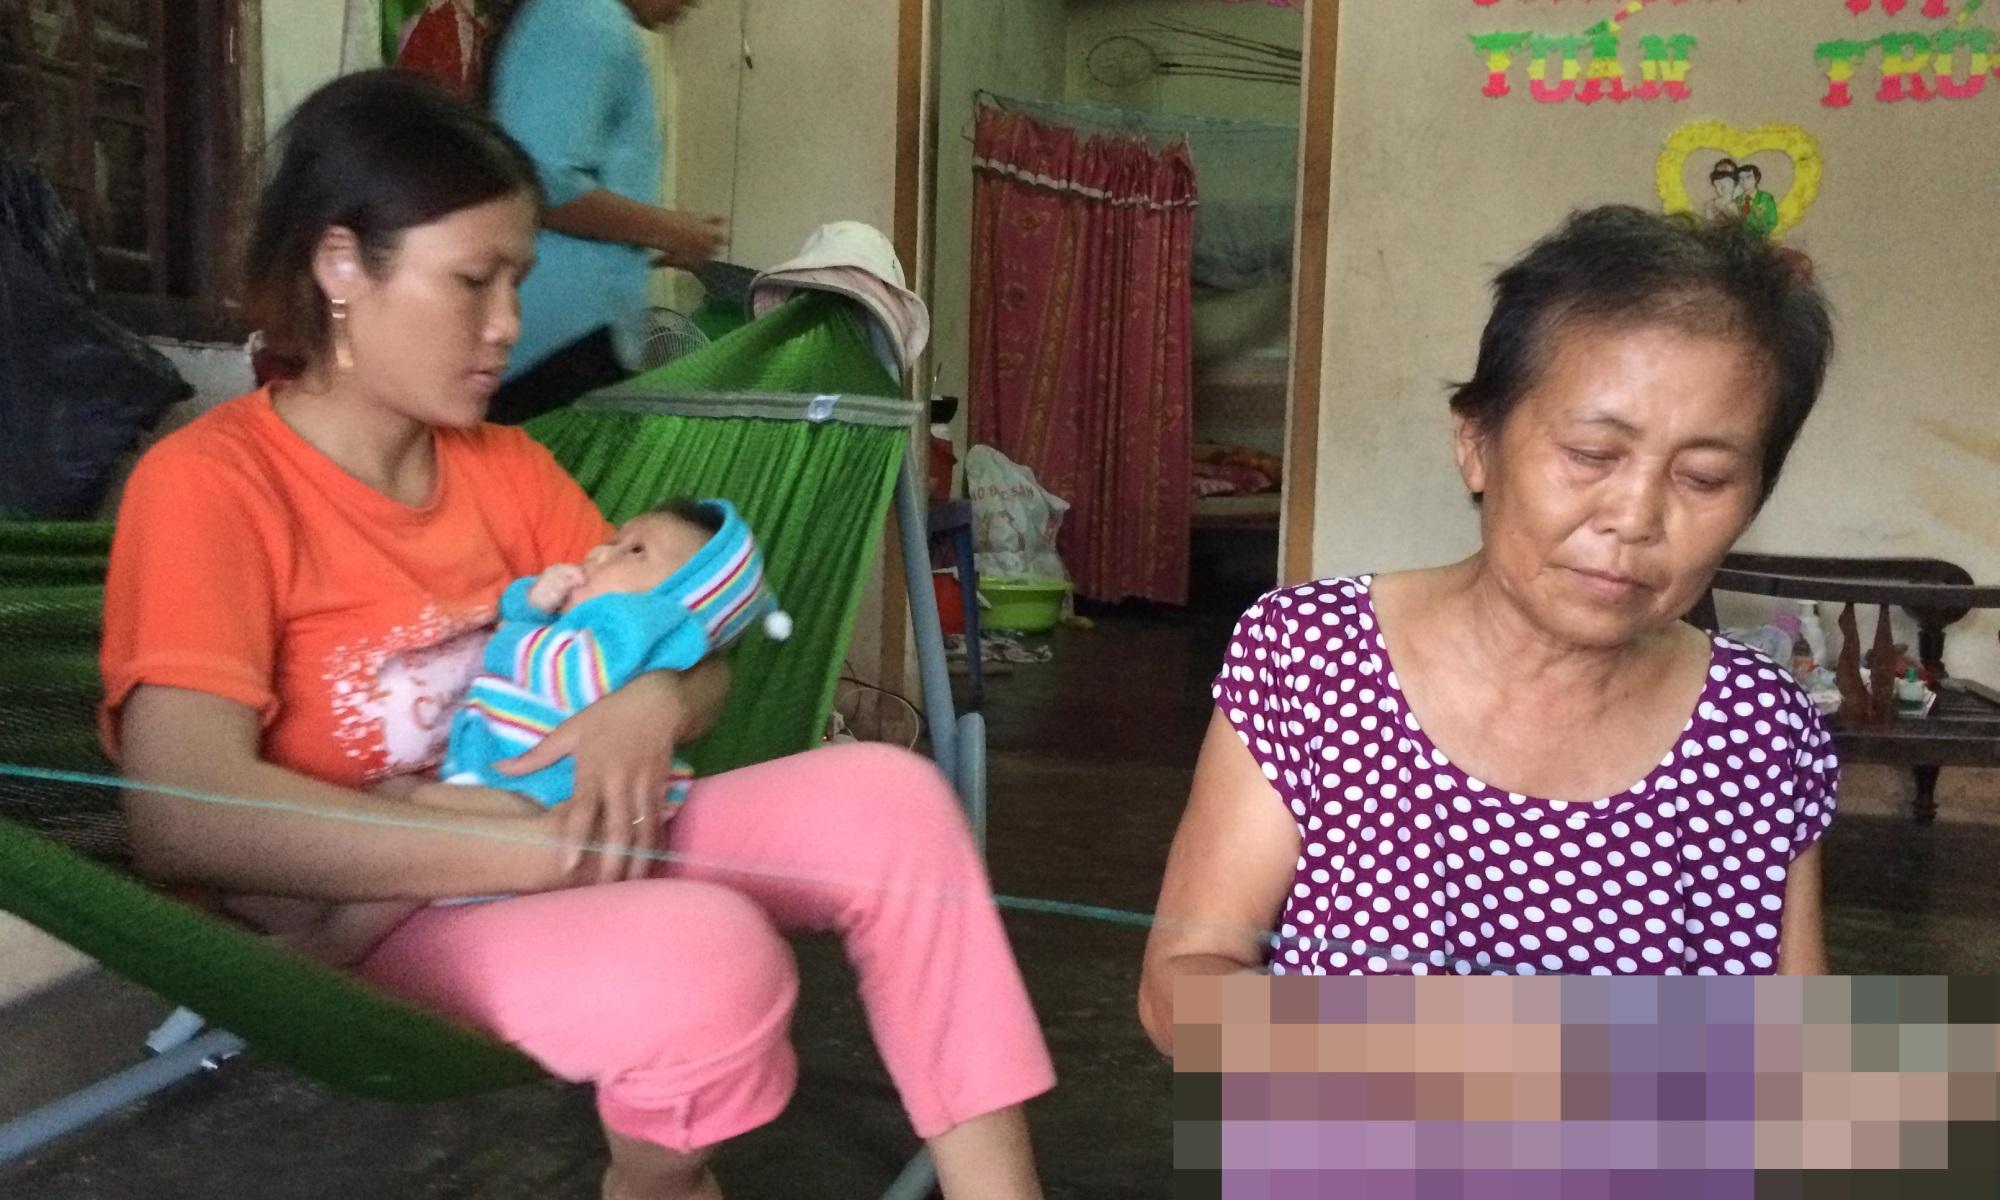 Vụ mẹ chôn sống con: Bà ngoại kể lại giây phút bới đất cứu cháu - Ảnh 1